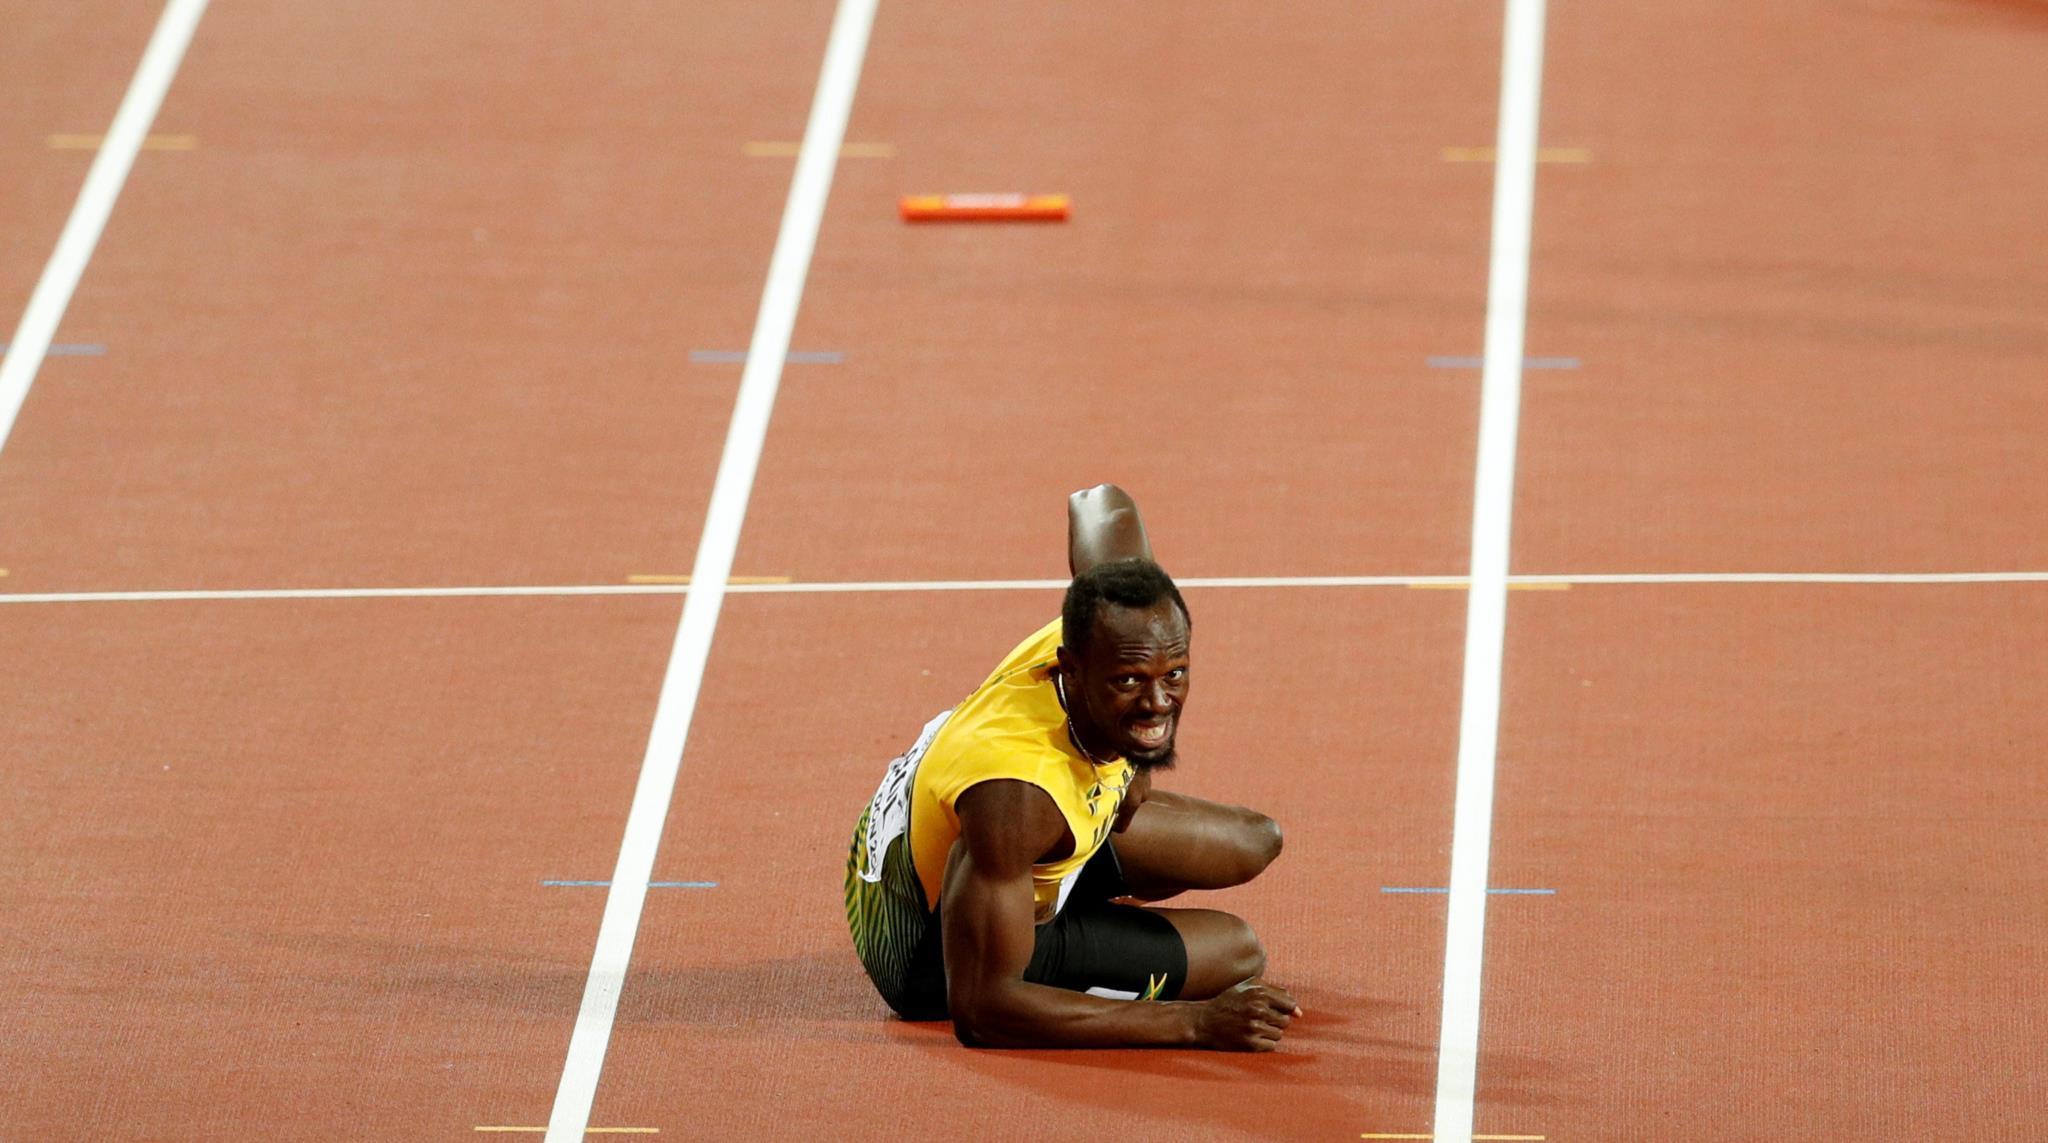 Bolt lesionou-se na final da estafeta jamaicana que fechou a carreira do velocista